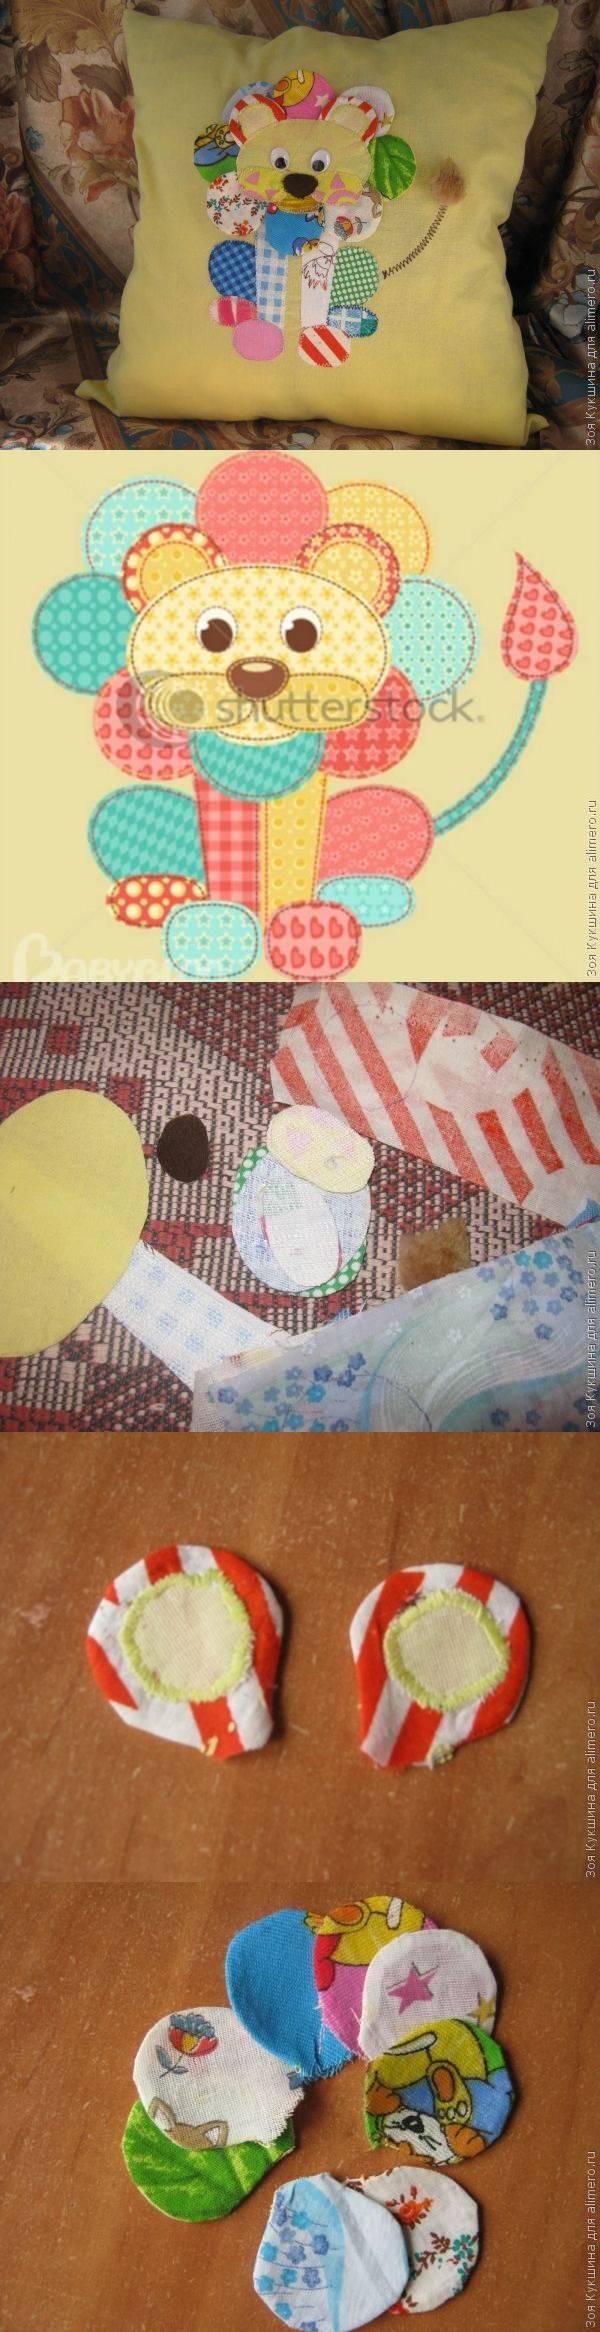 Декоративные подушки «Аф-ф-фрика». Часть 1. Лев